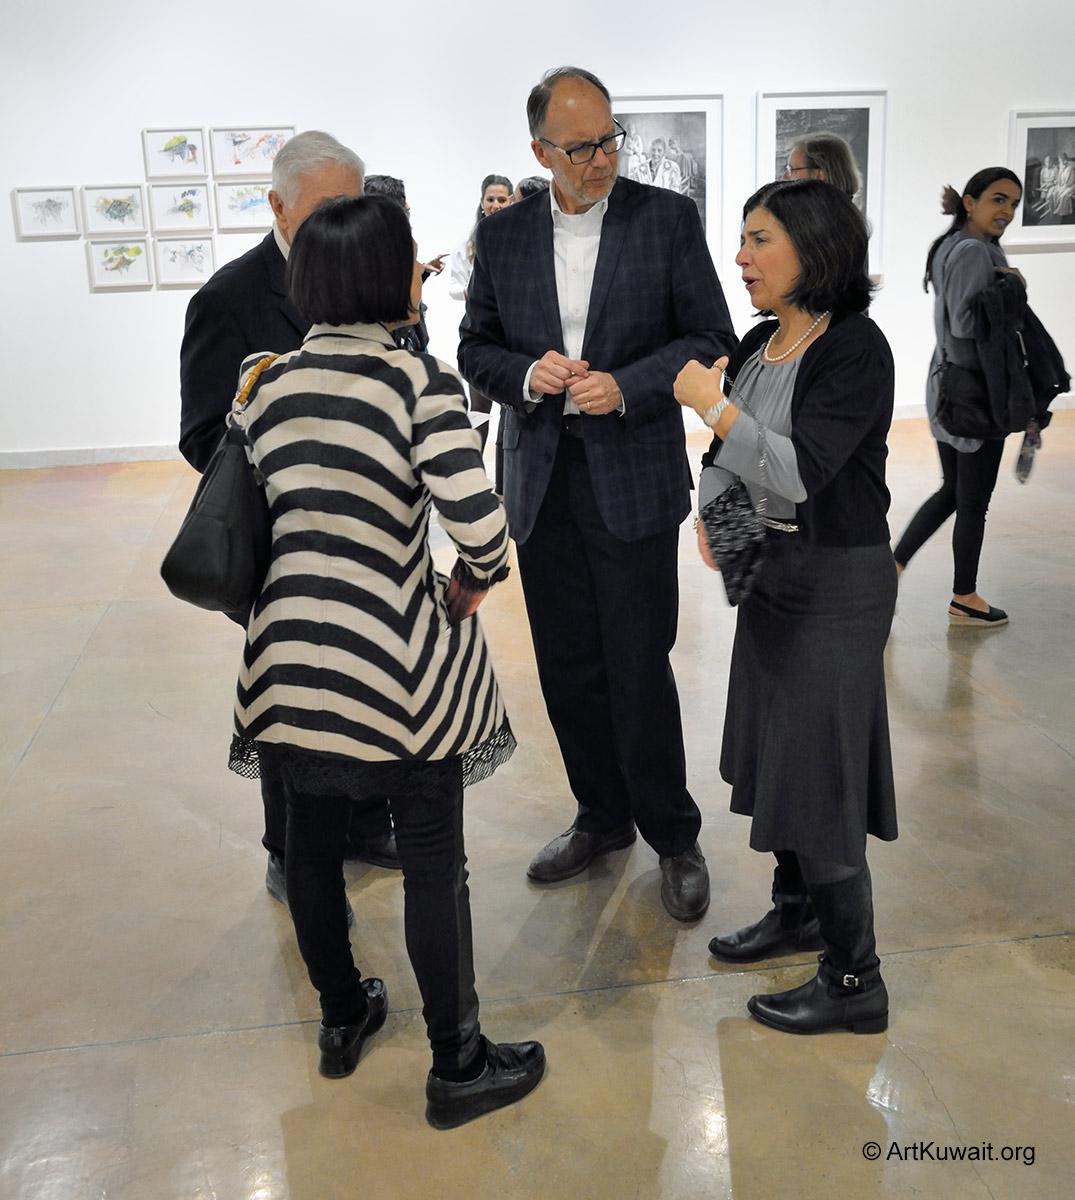 Sultan Gallery Exhibition Complicity (1)